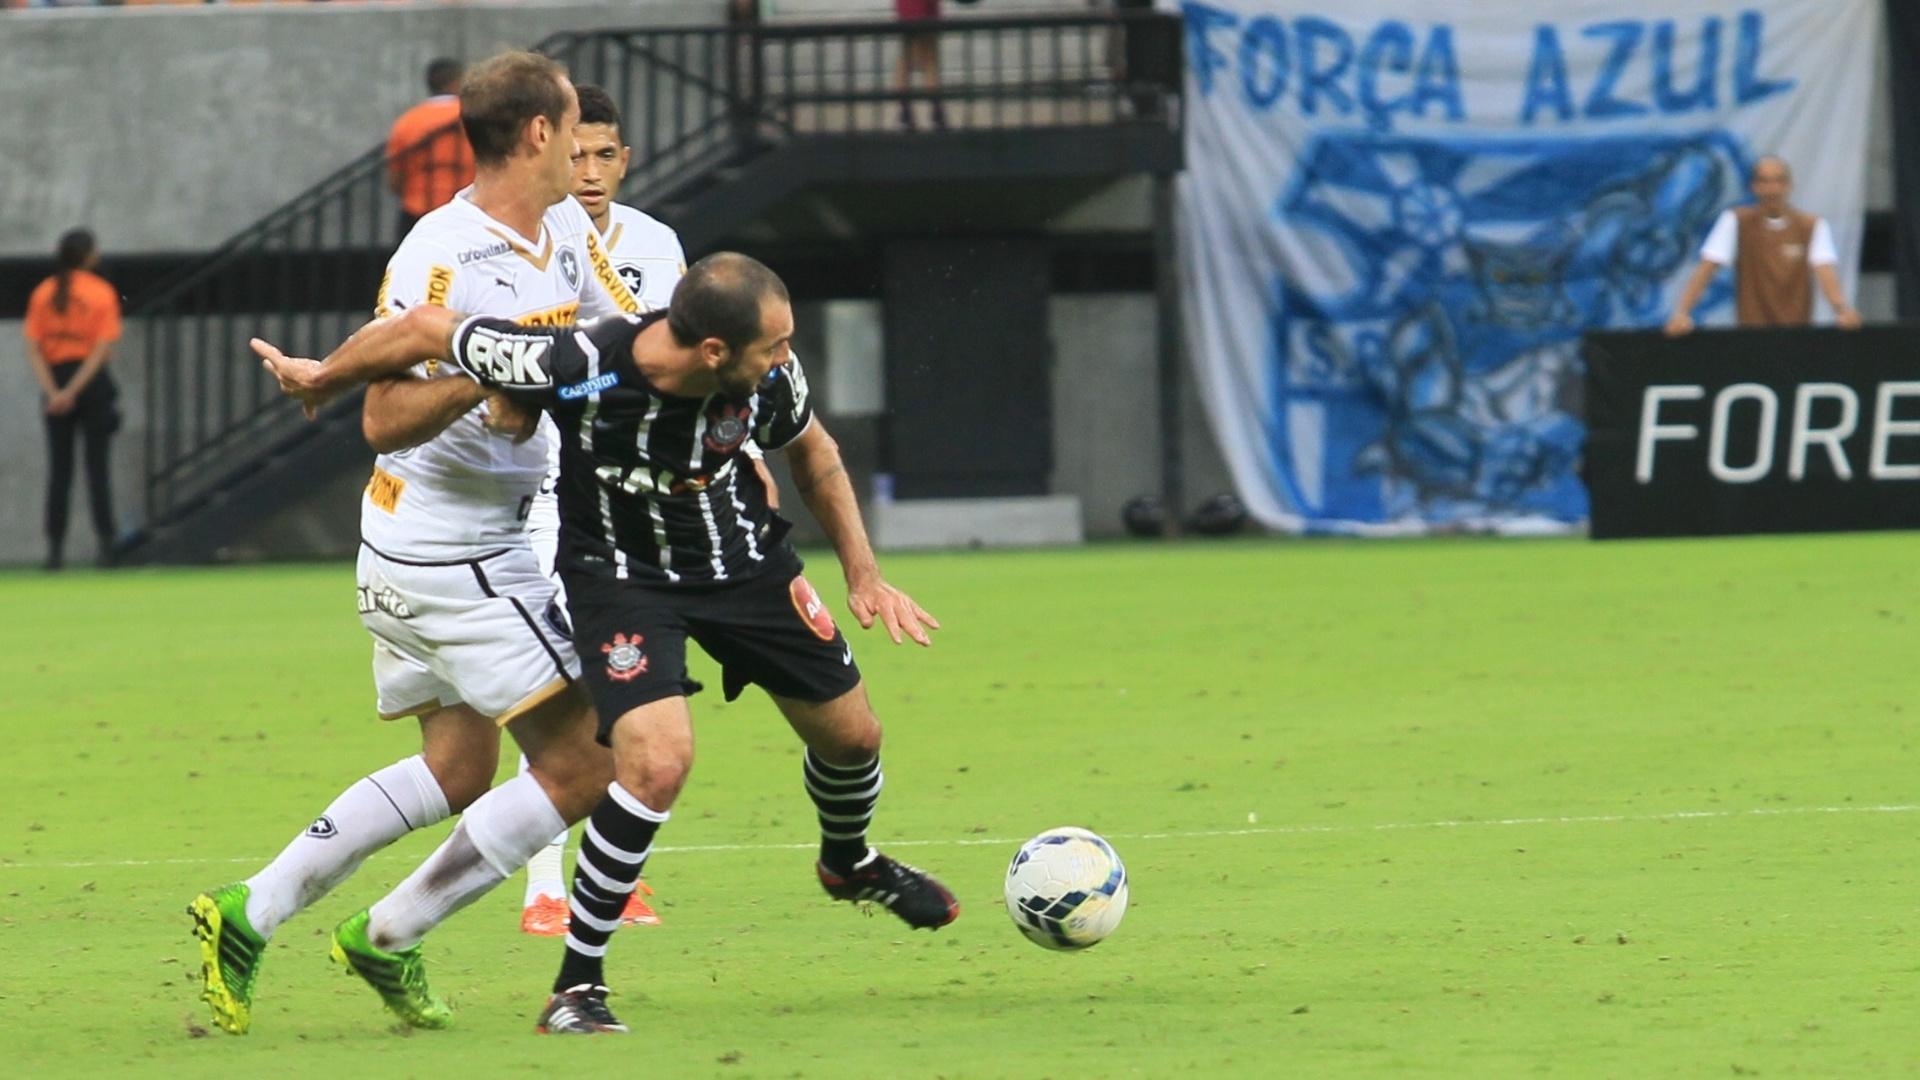 Danilo tenta escapar da marcação do Botafogo na Arena Amazônia